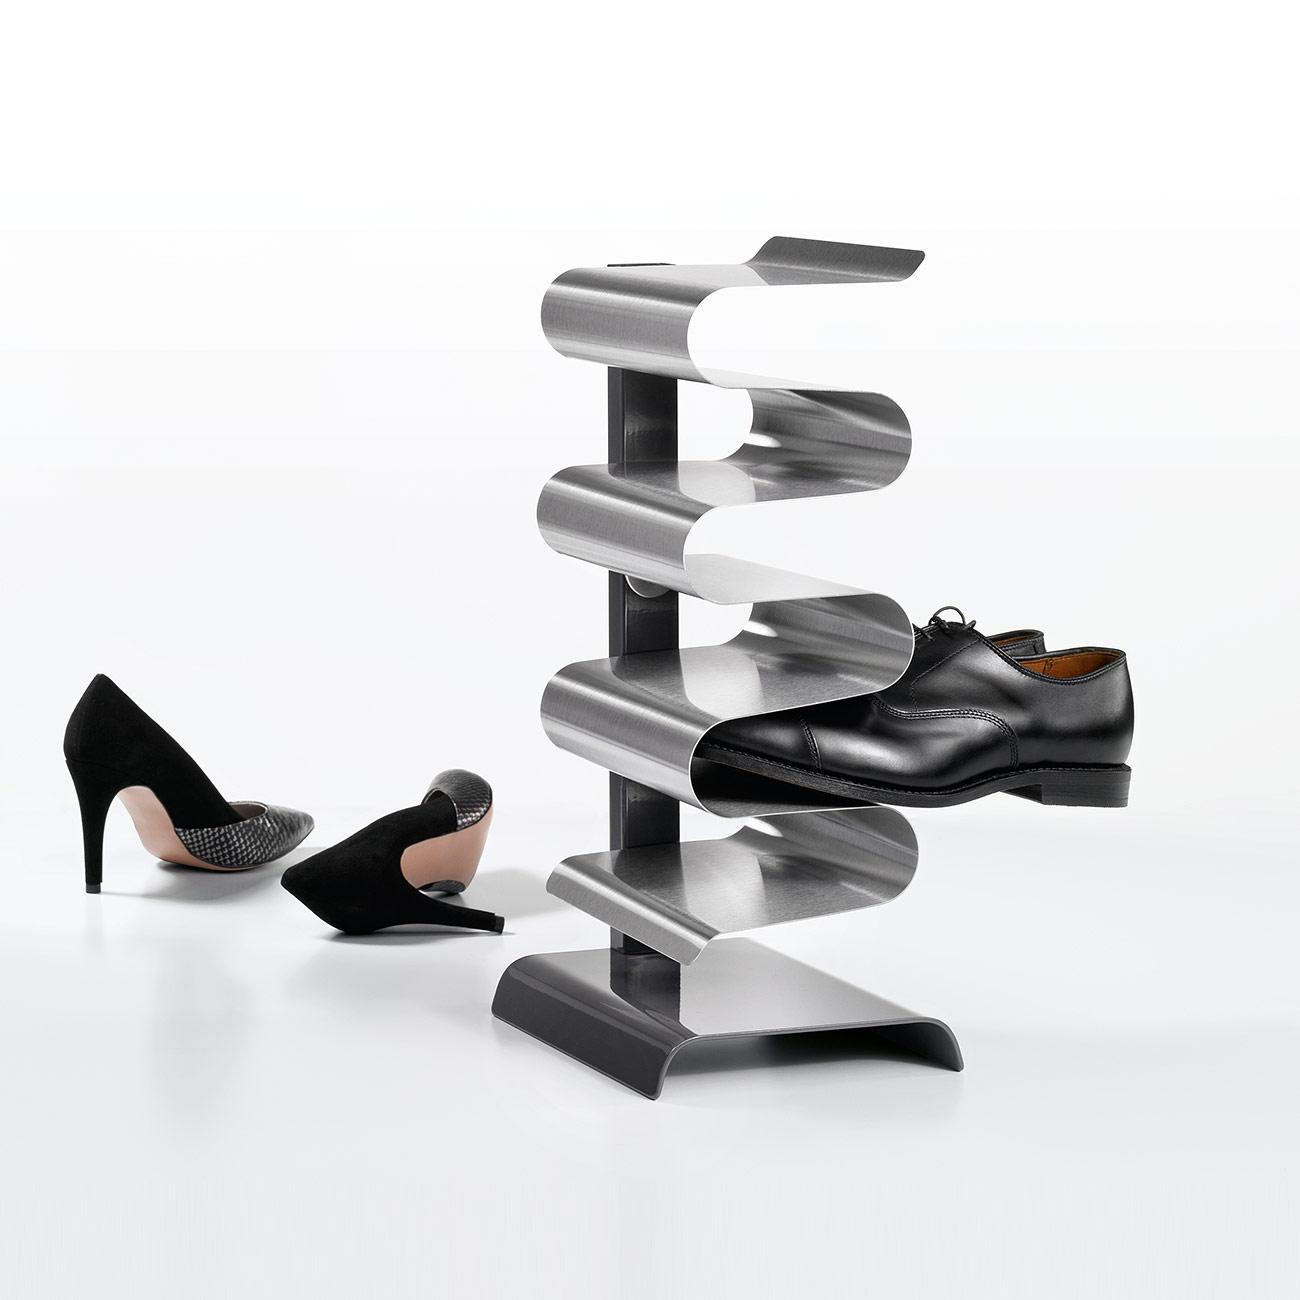 Schuhregal Nest Schuhständer / Schuhhalter